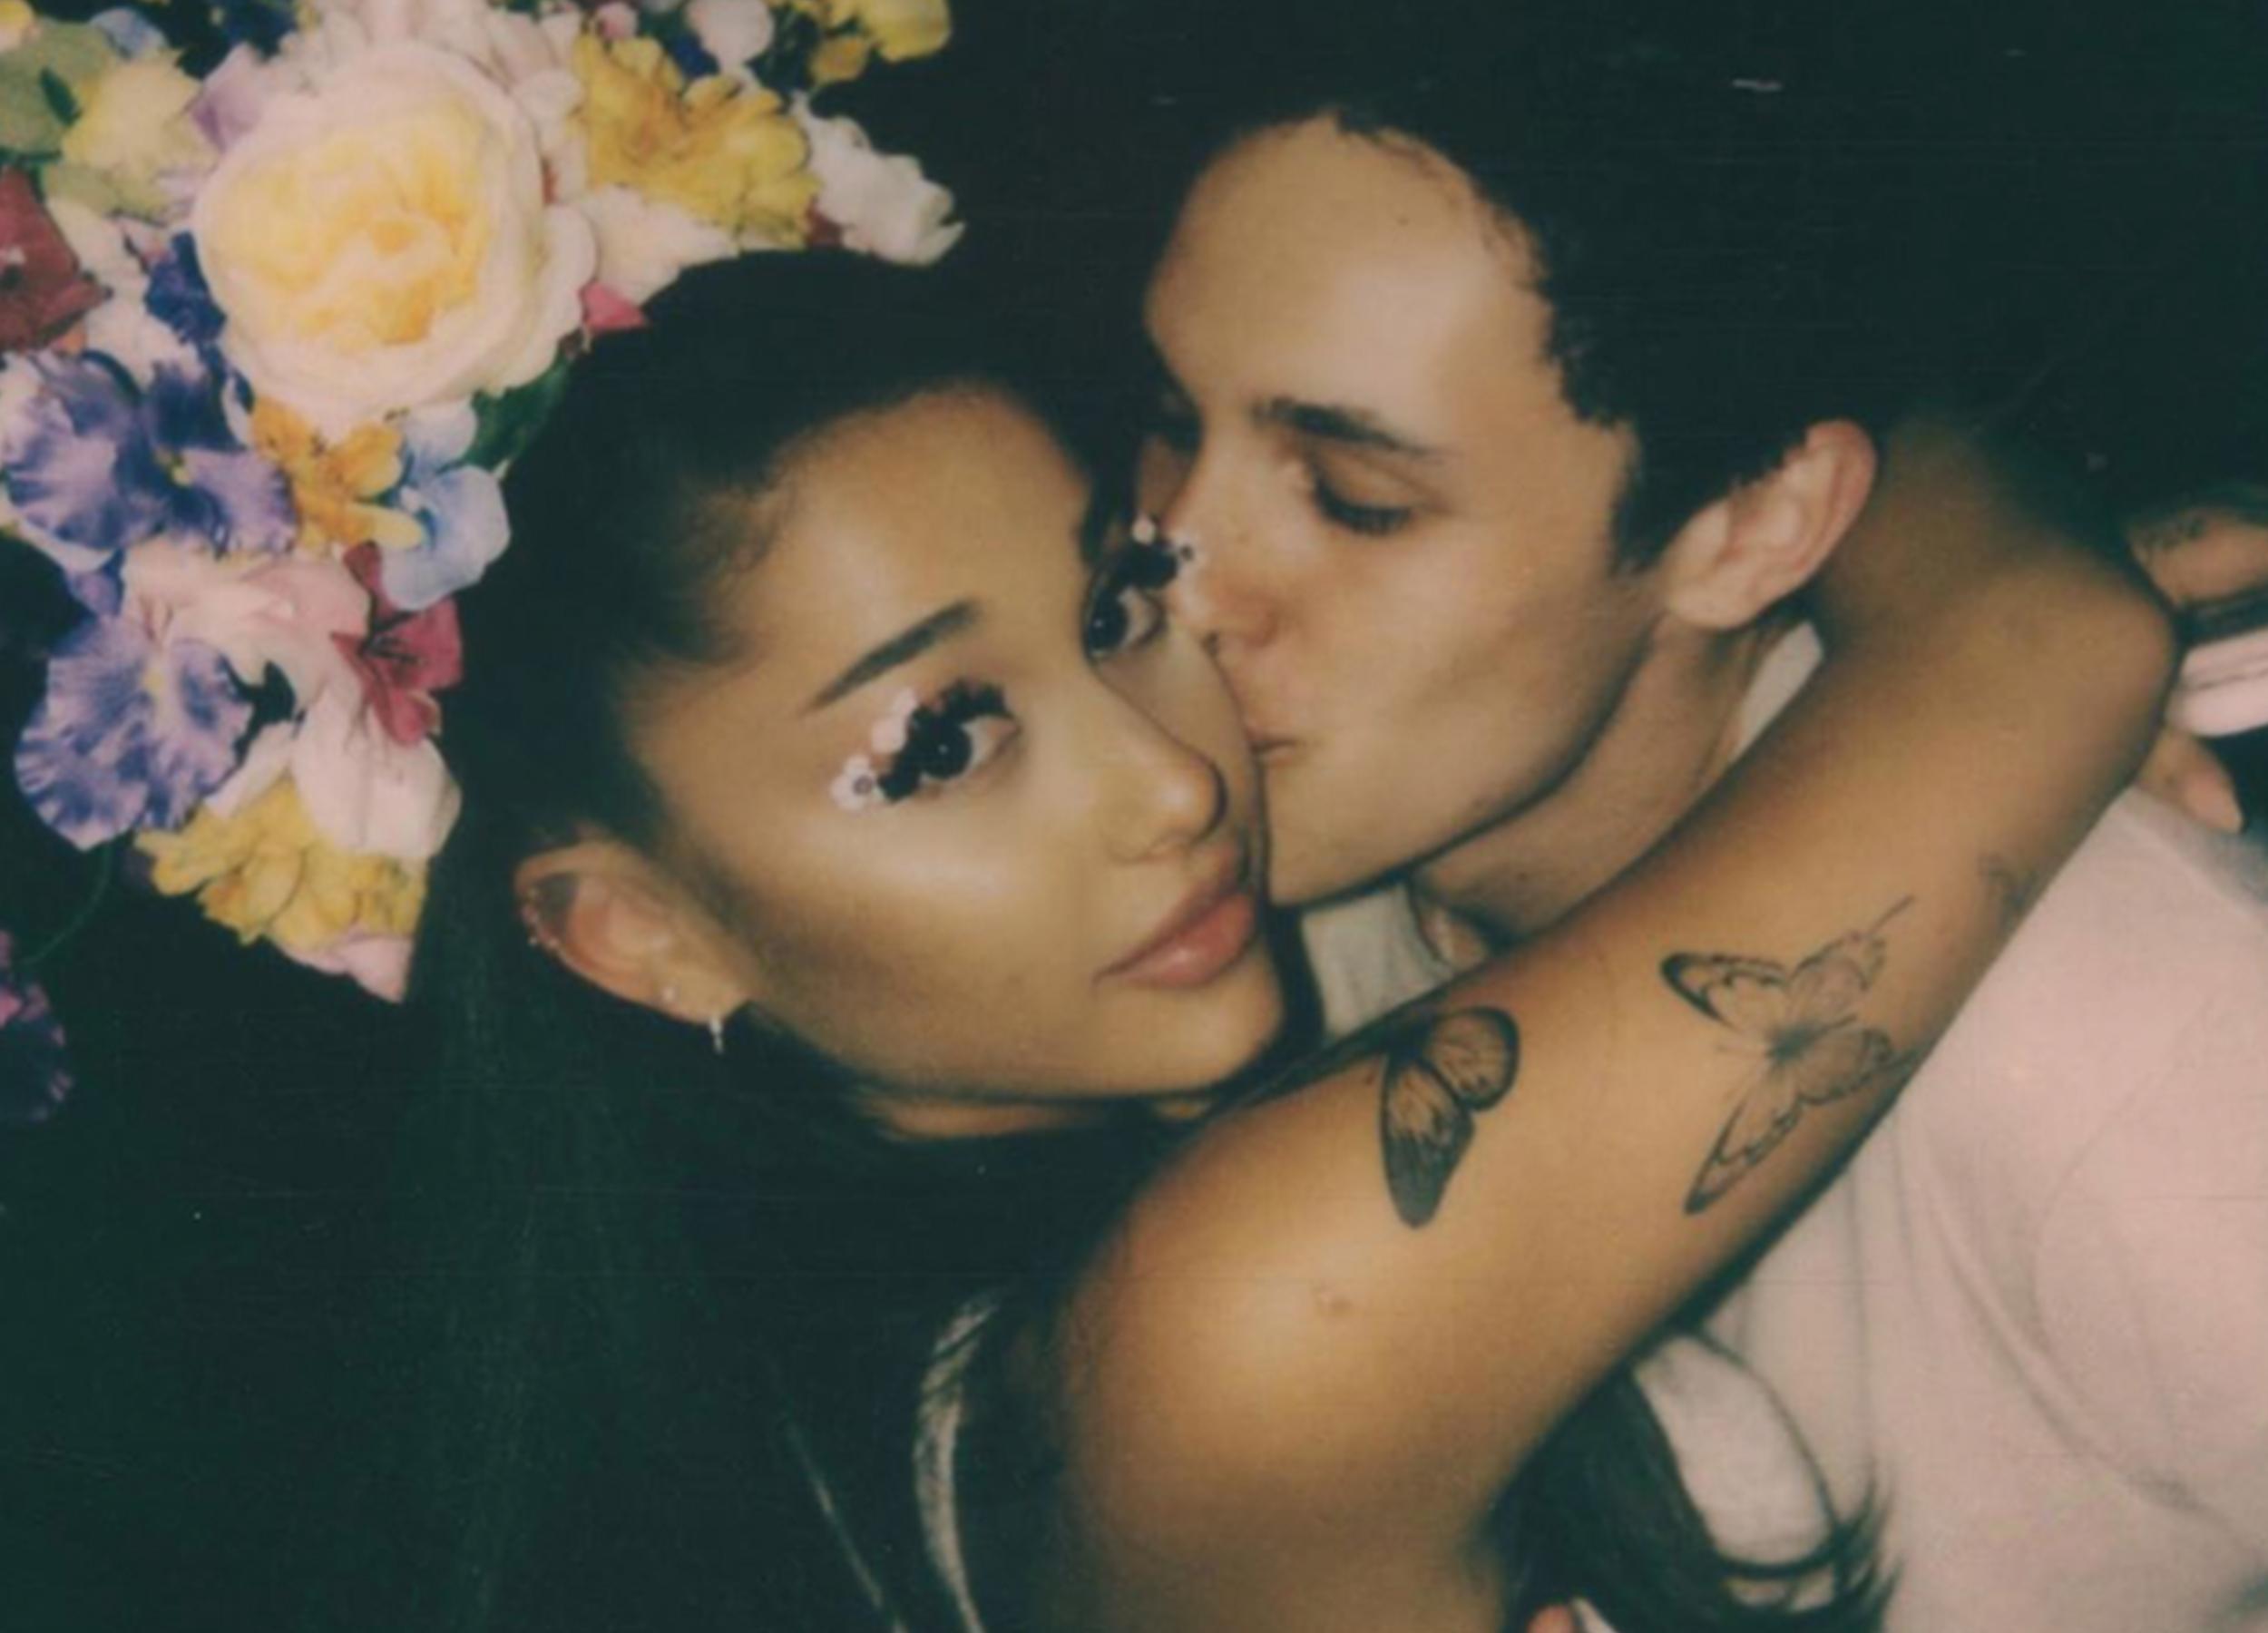 Ariana Grande Dalton Gomez fiance